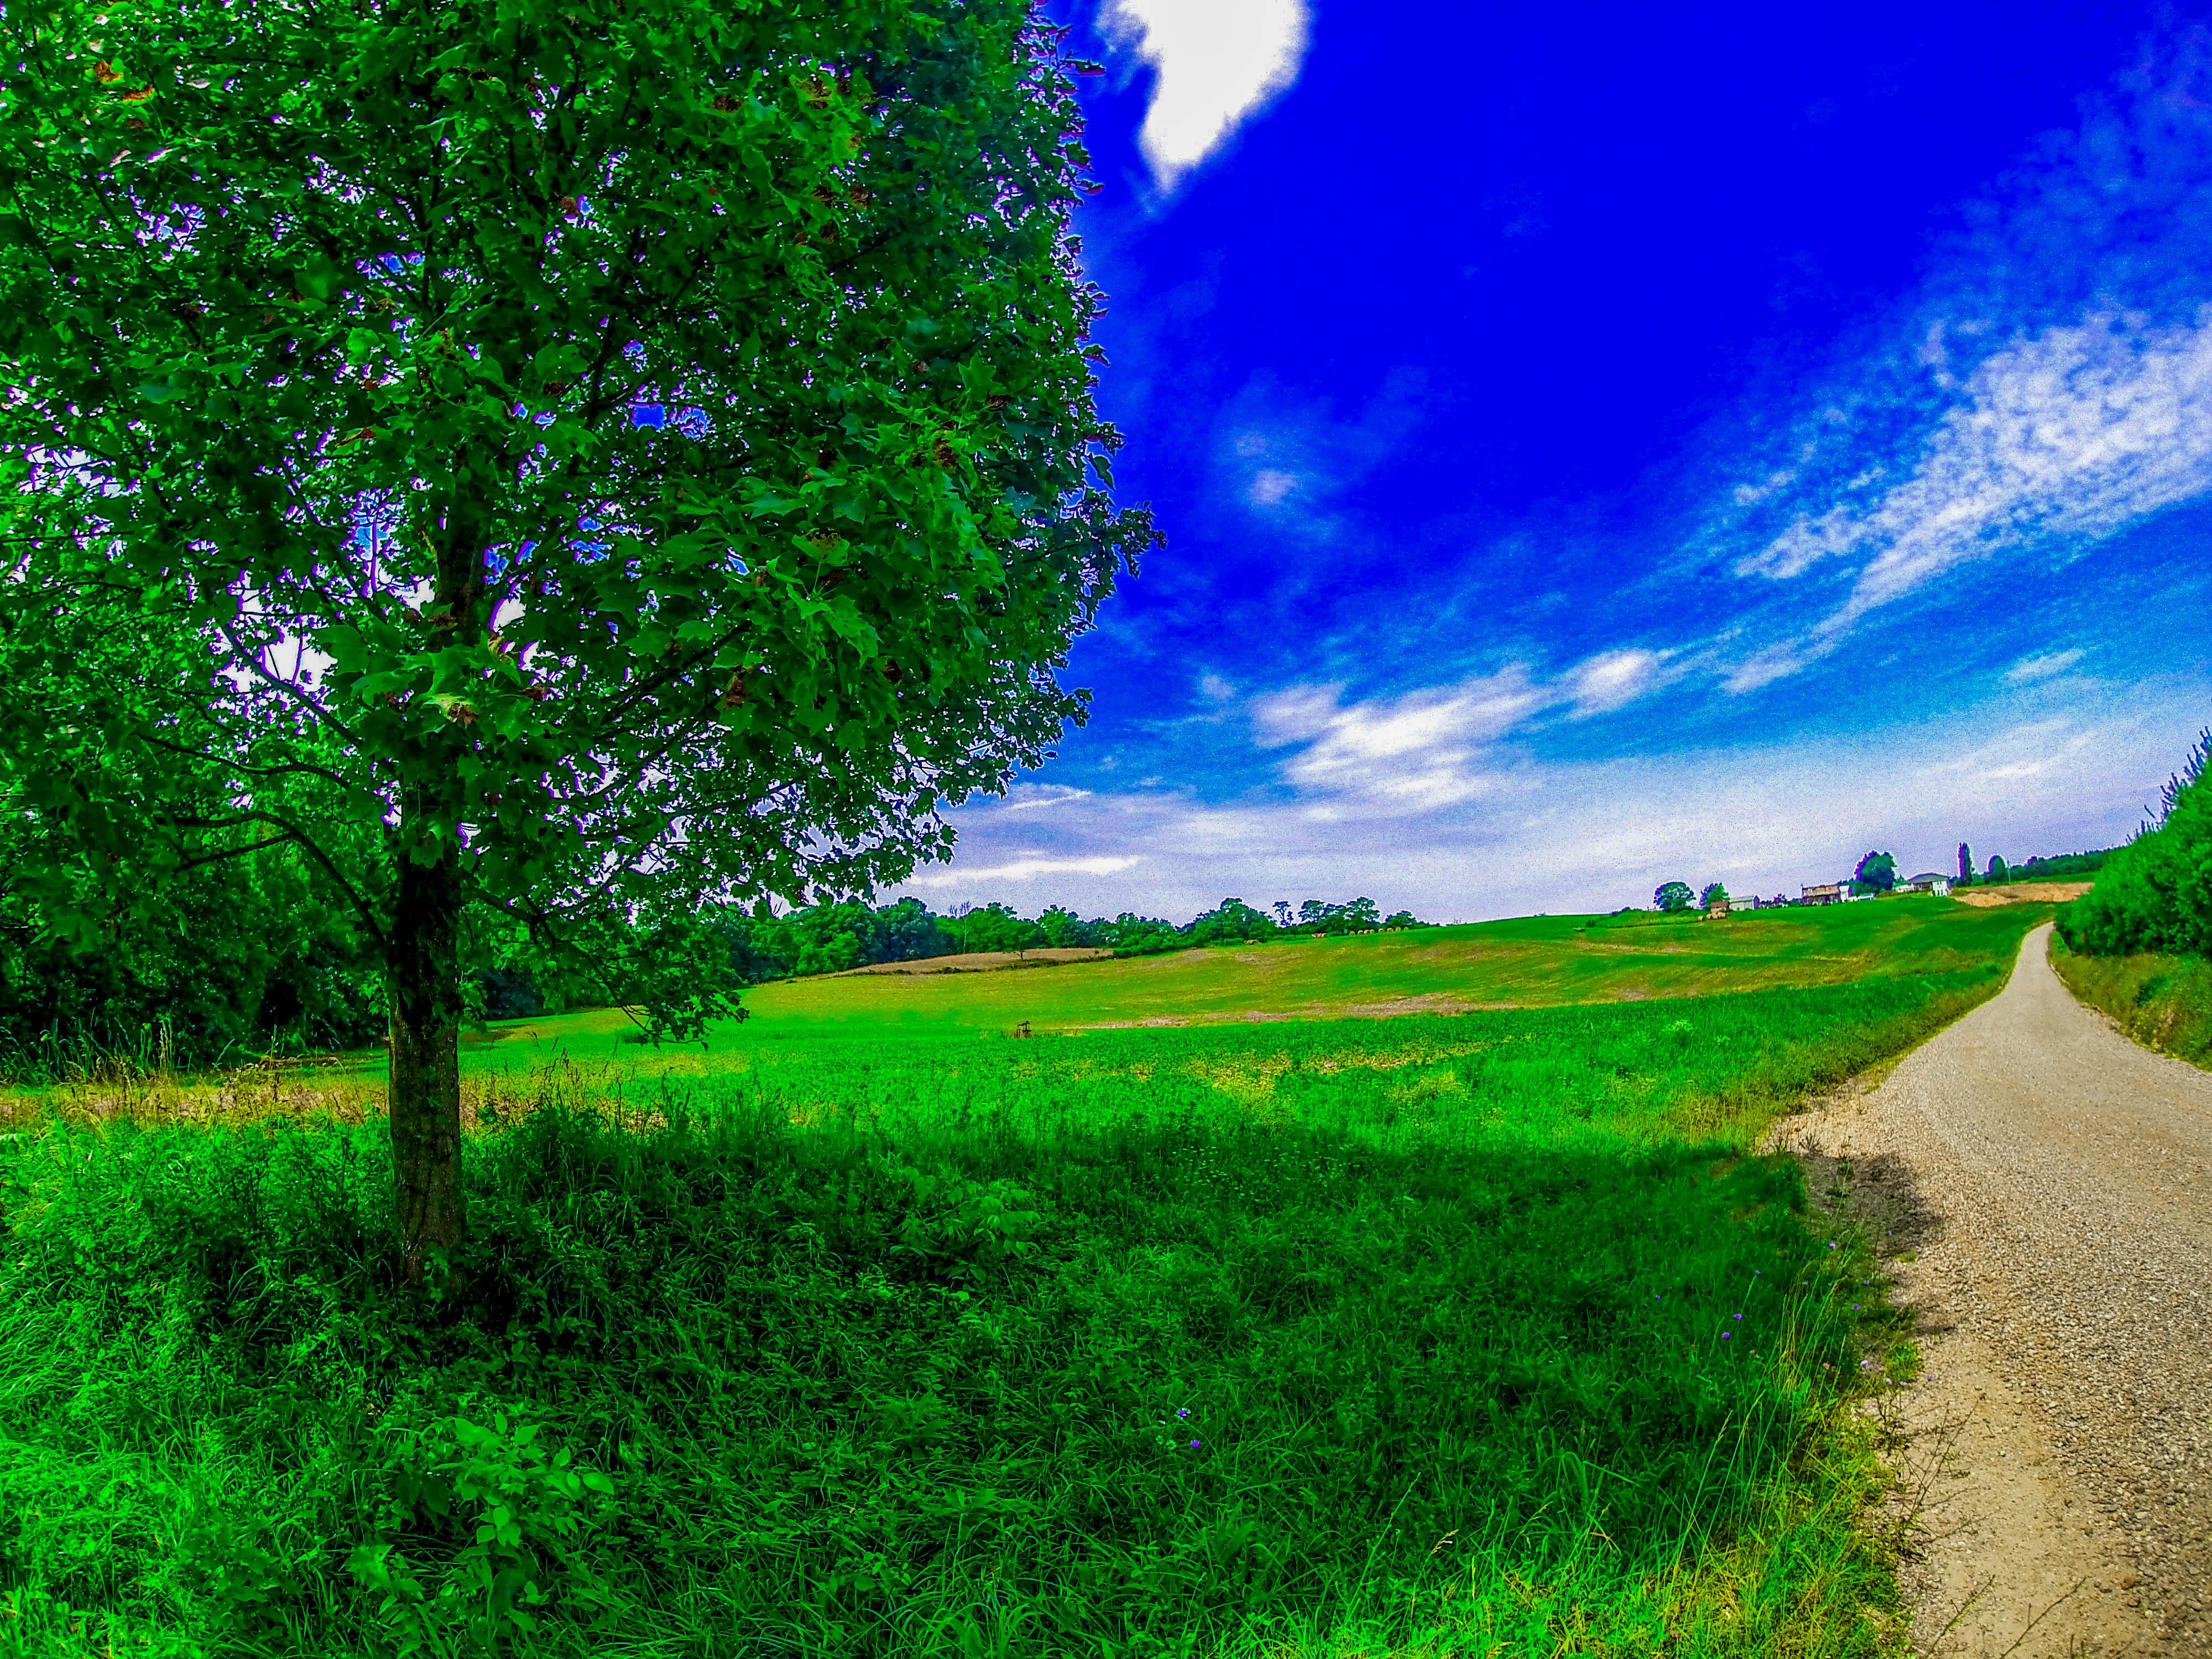 80 Gambar Pemandangan Rumput Hijau Paling Bagus